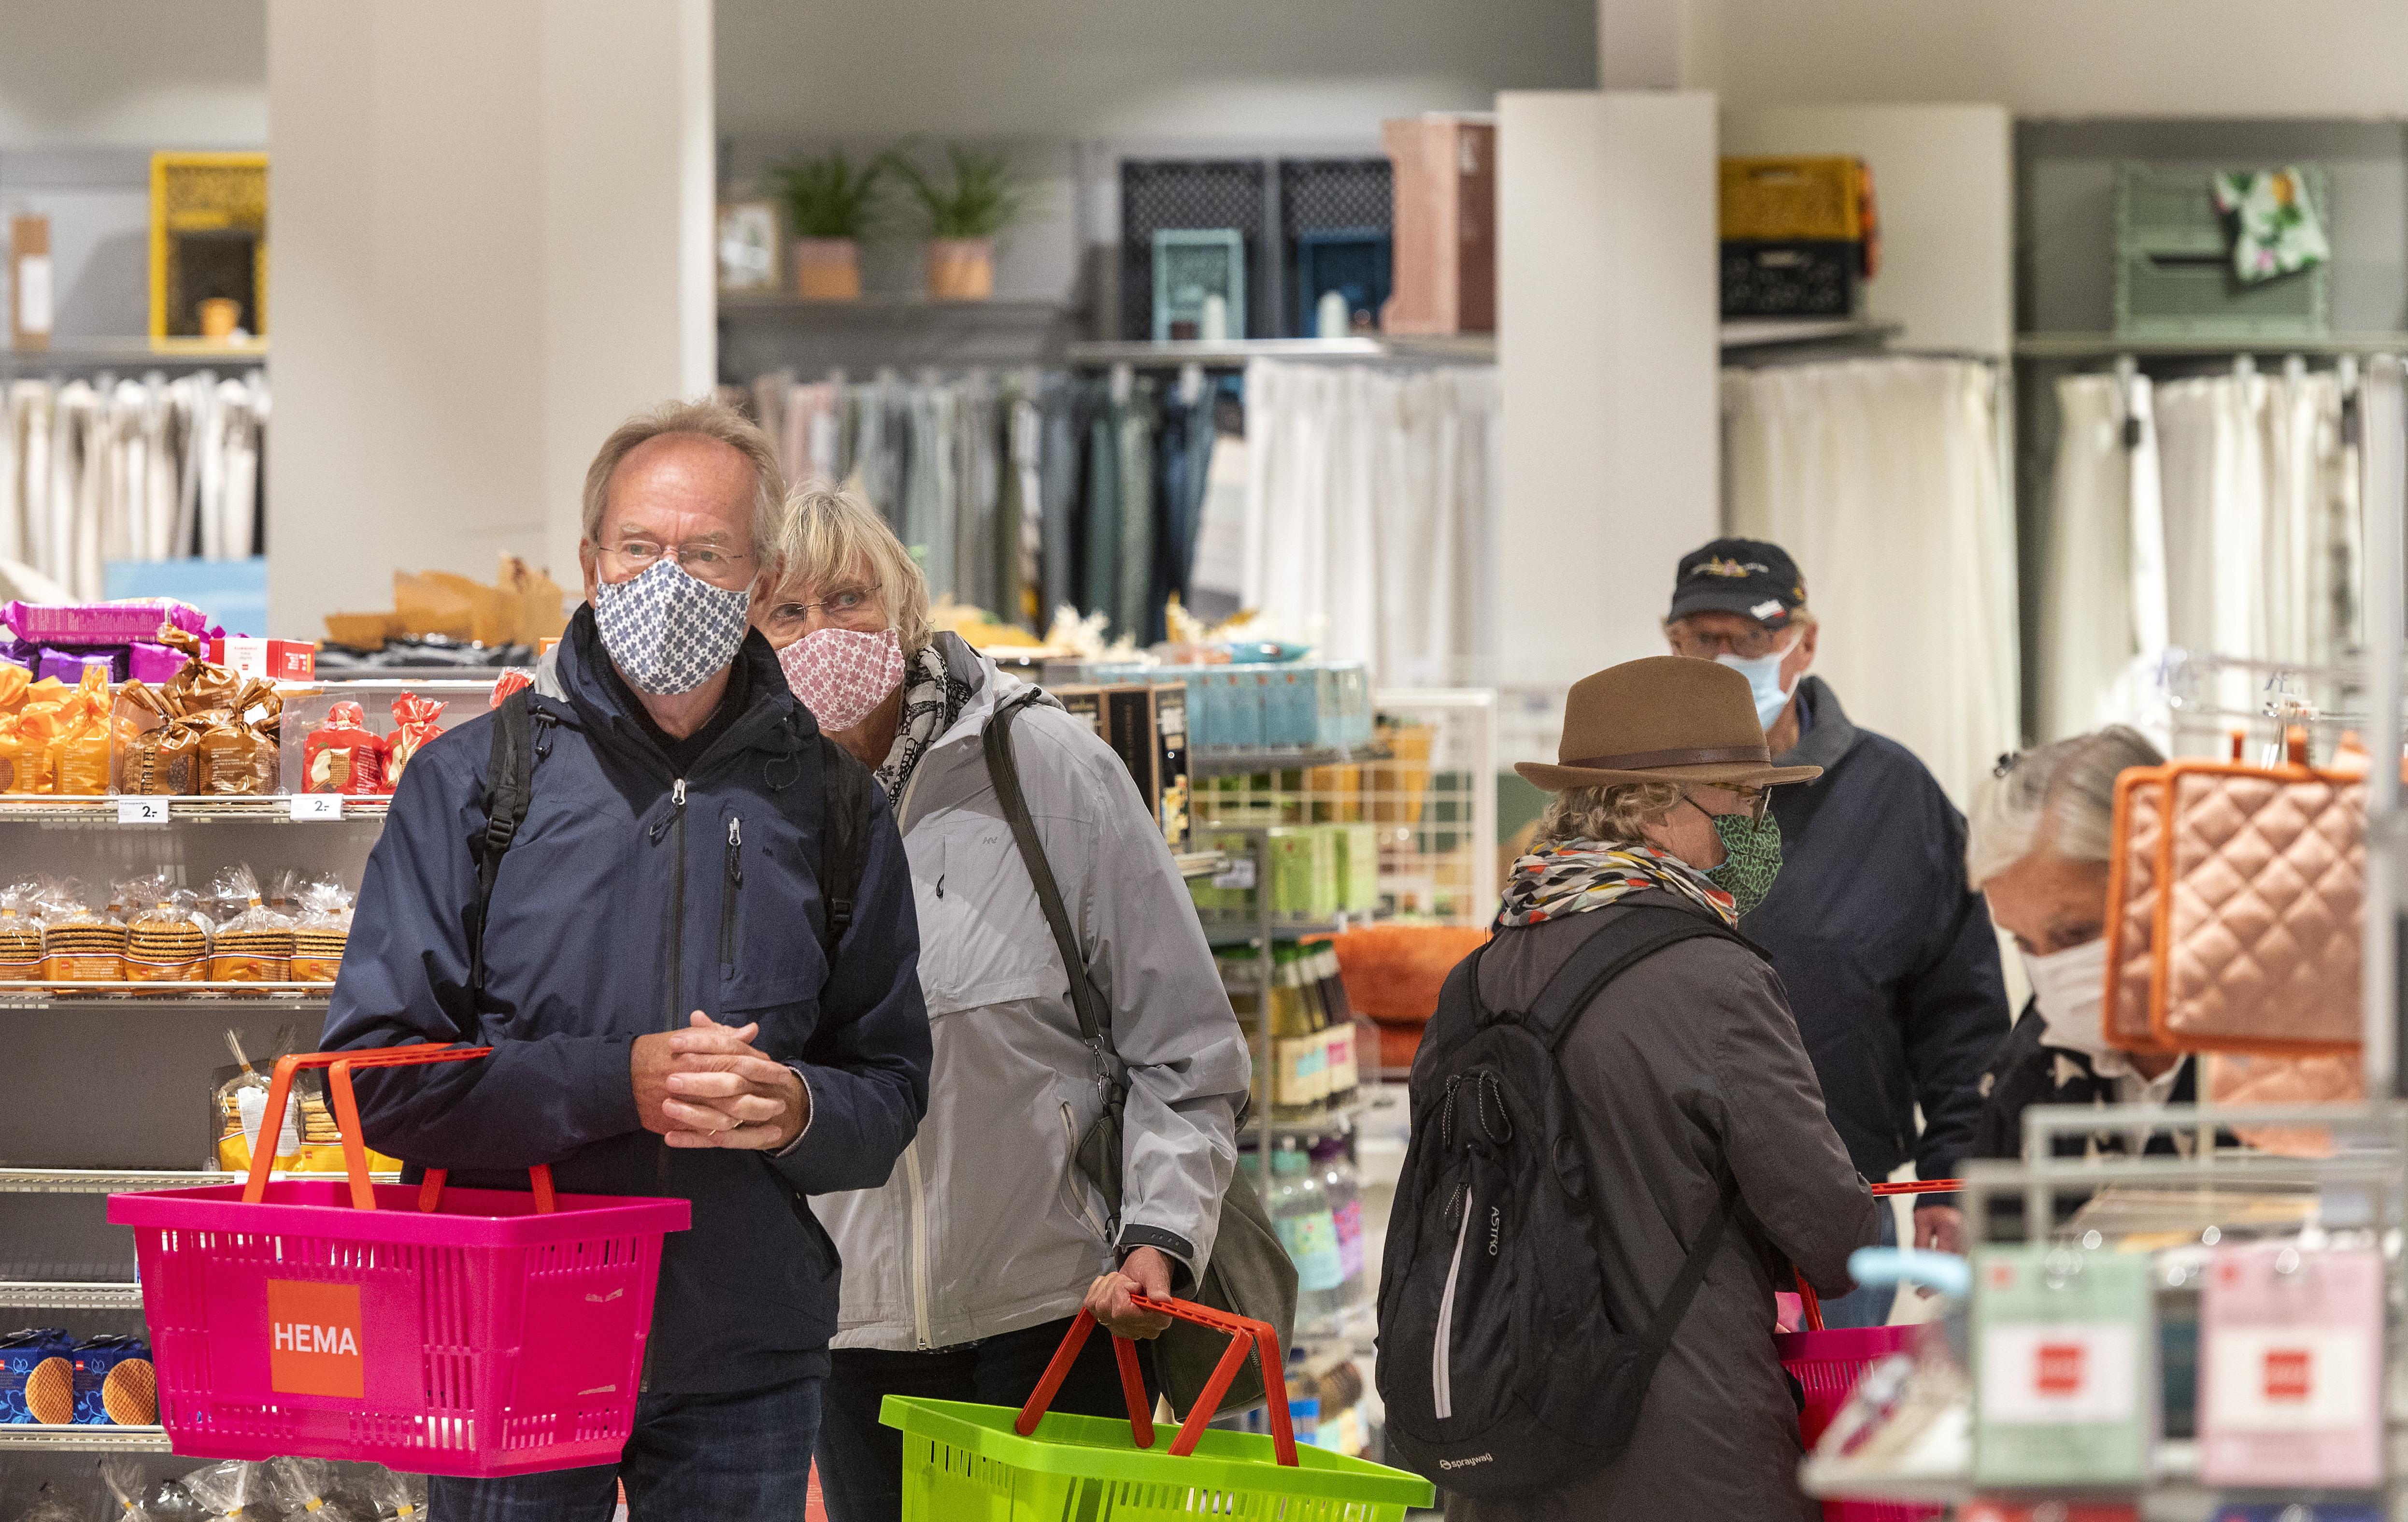 Winkelend publiek bij de Hema's in Haarlem is de uitzondering, want mondkapjes zijn nog nauwelijks te zien in de winkels